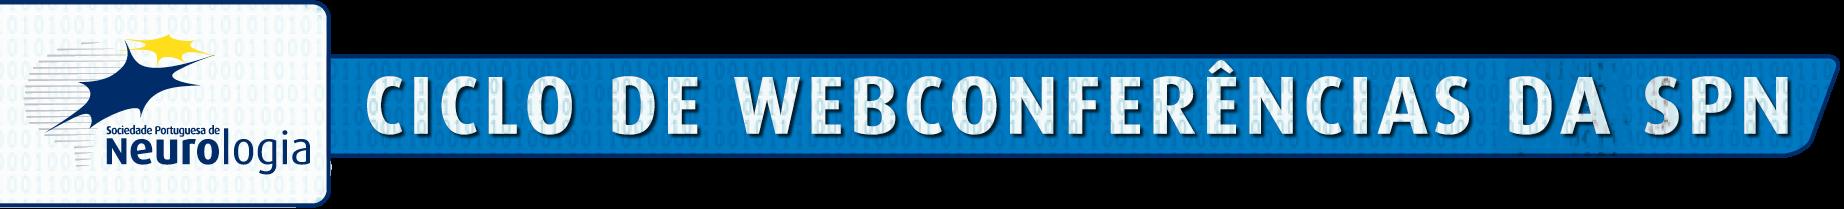 spn logo